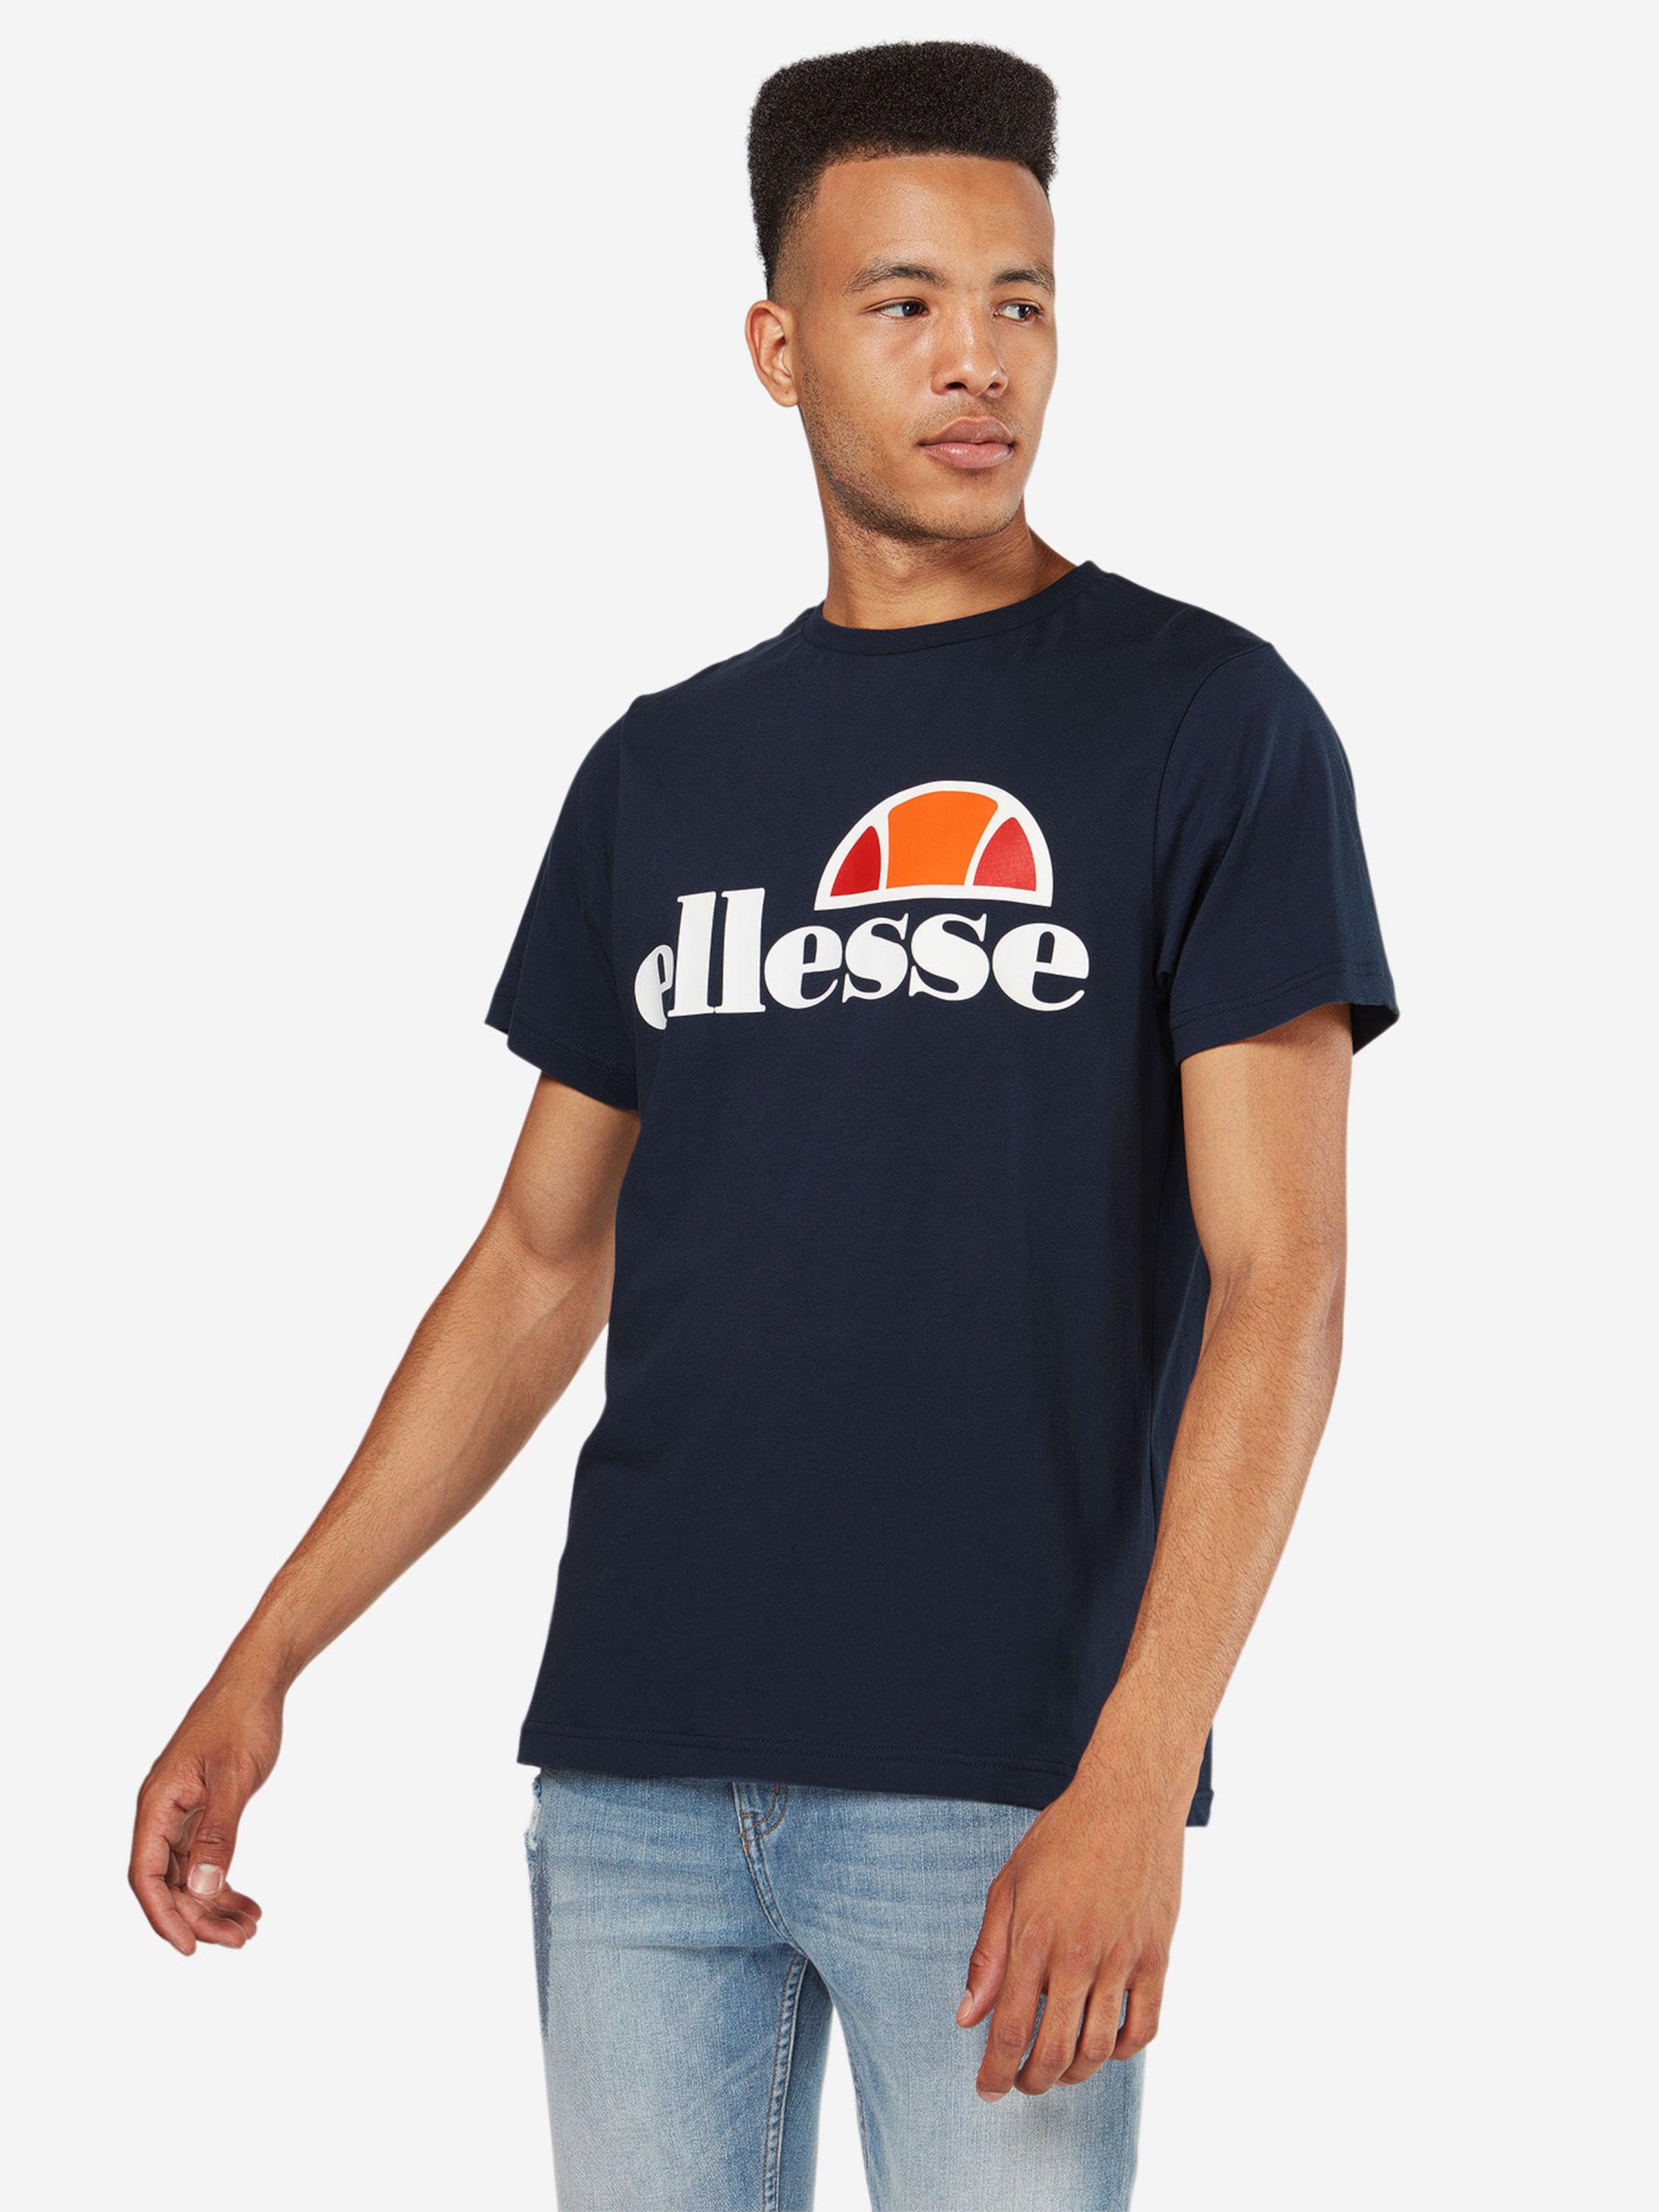 ELLESSE T-Shirt 'PRADO' Freies Verschiffen Günstig Online Outlet Brandneue Unisex Austrittsspeicherstellen Rabatt Mit Paypal reBfPh